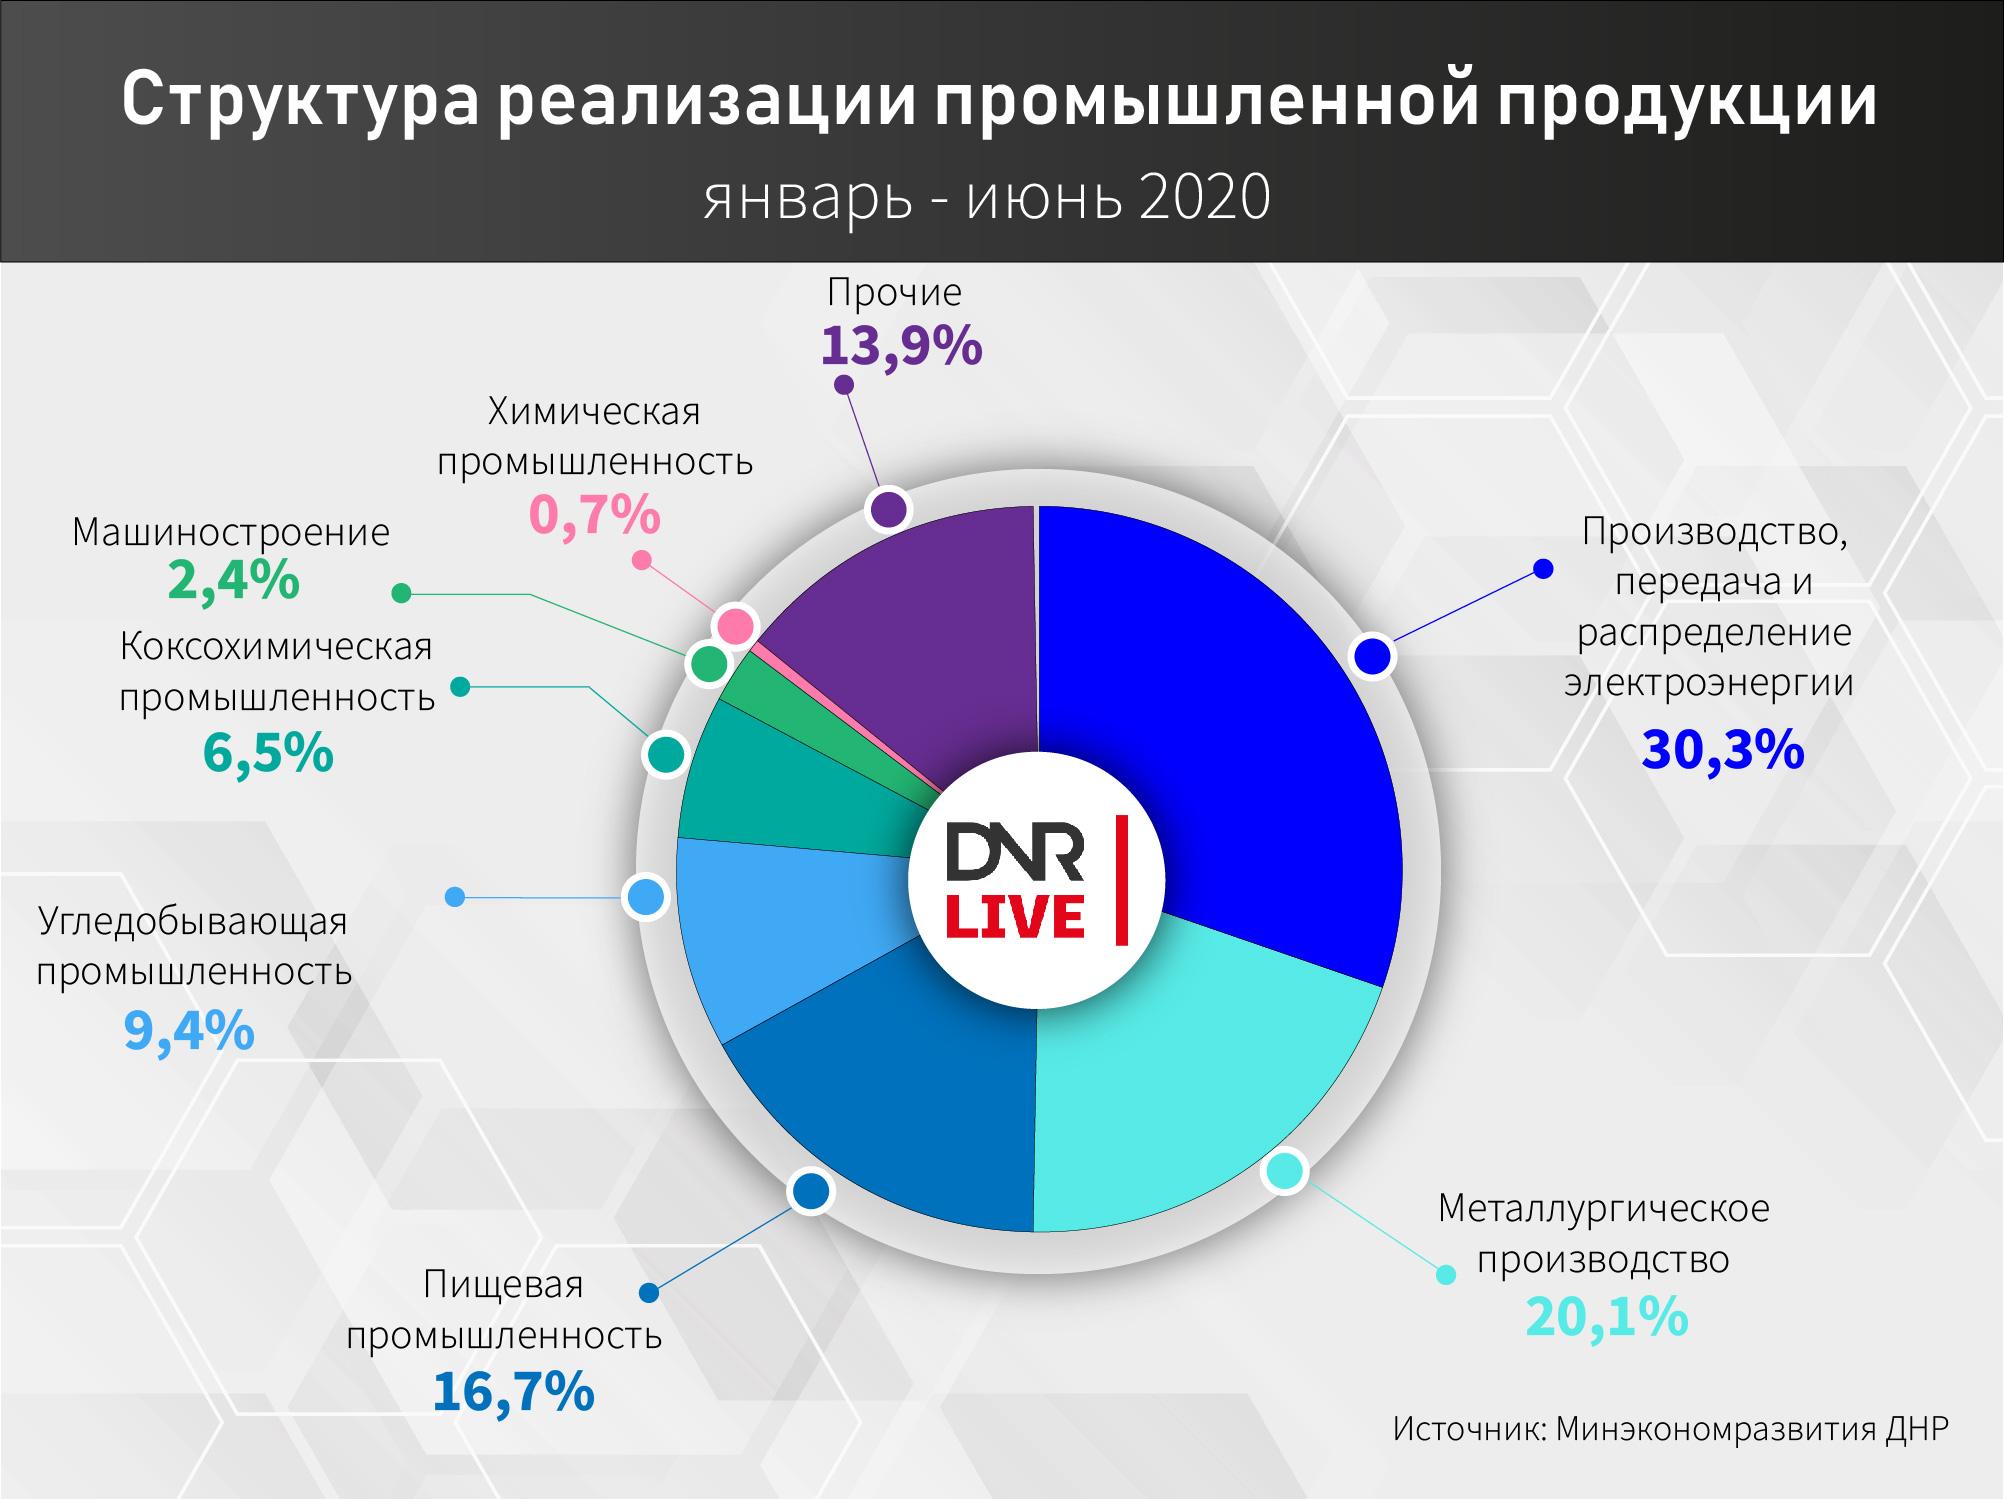 Промышленность ДНр диаграмма (3)